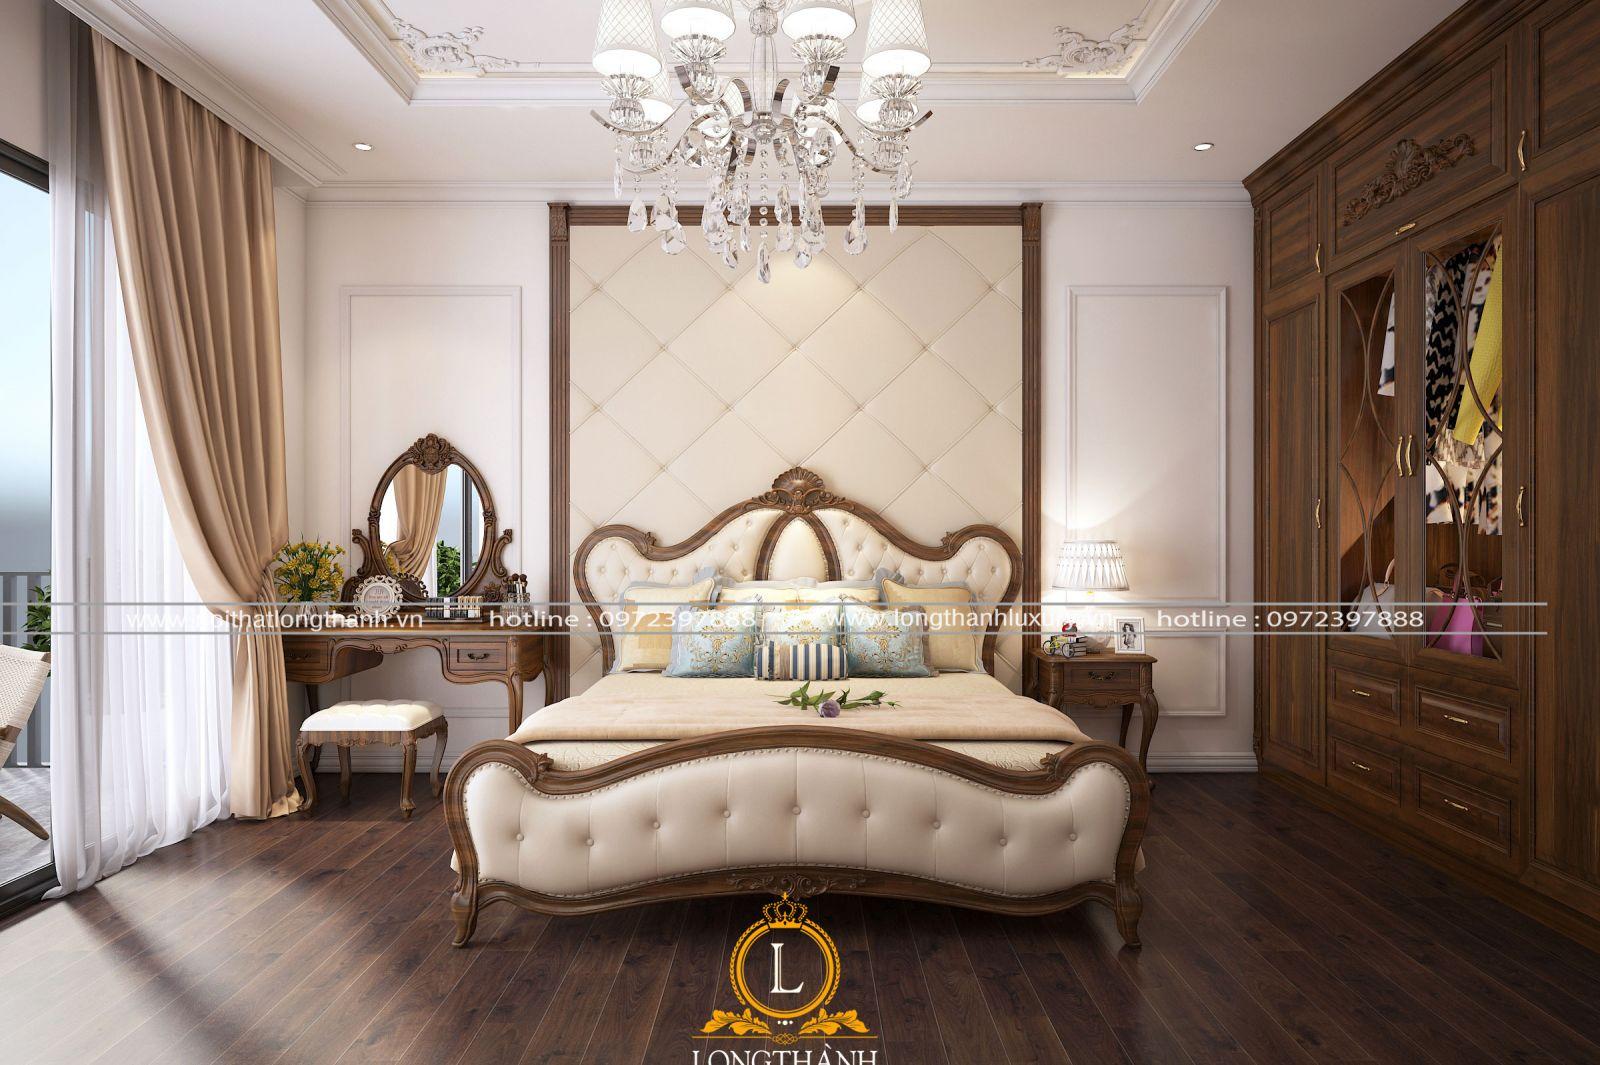 Phòng ngủ đep thiết kế theo nhu cầu